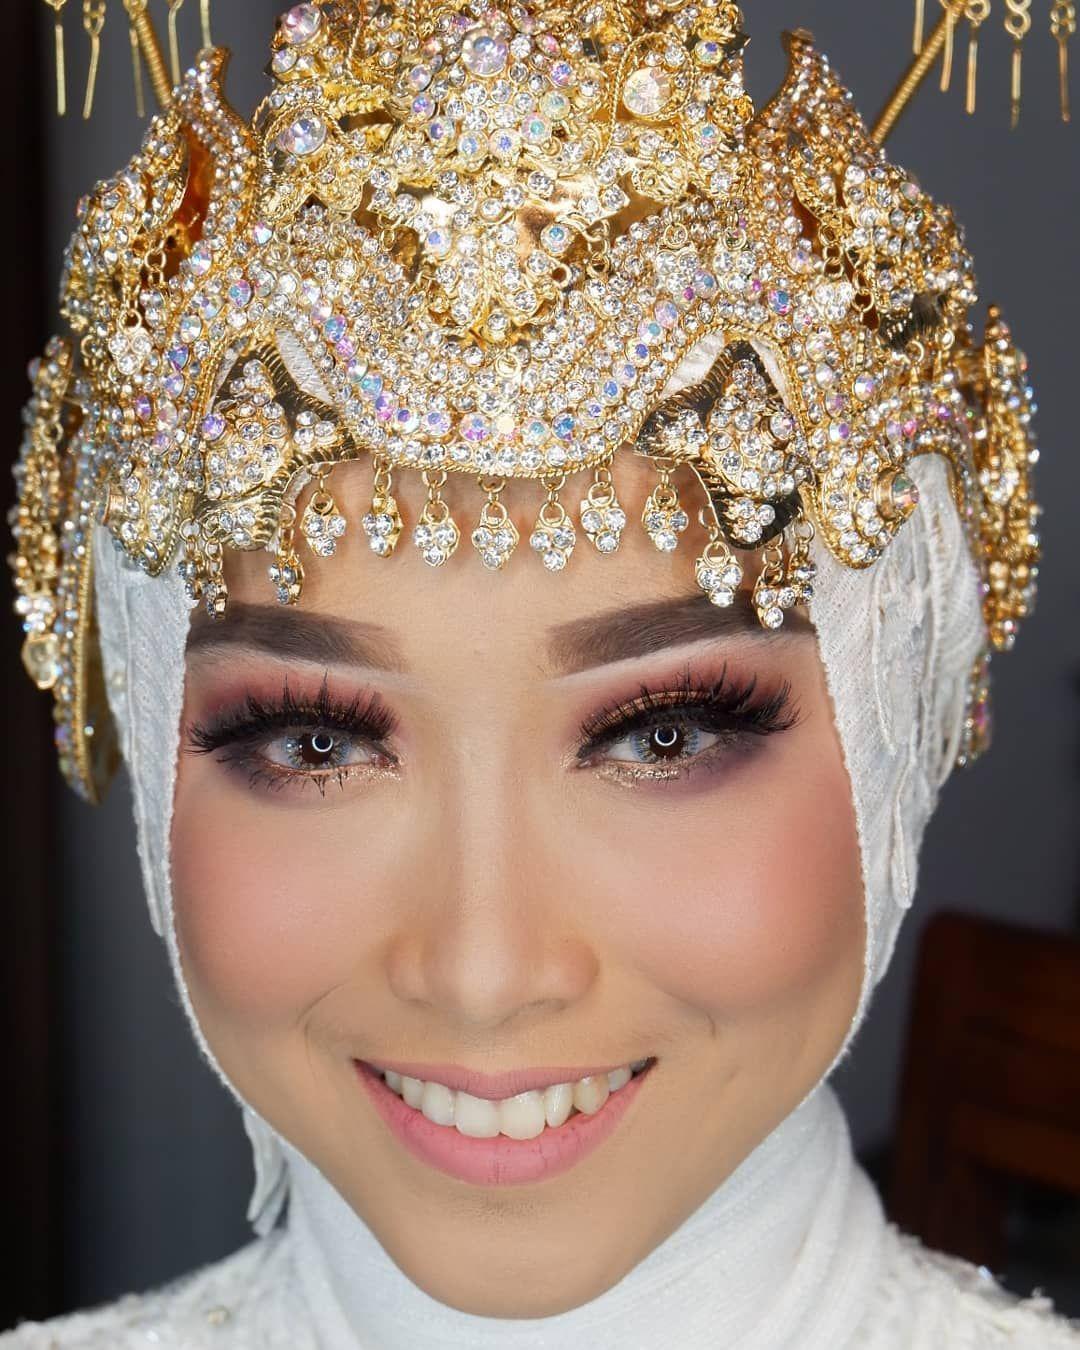 Pin By Ruth Monica On Sunda Wedding Graduation Makeup Fresh Makeup Party Makeup